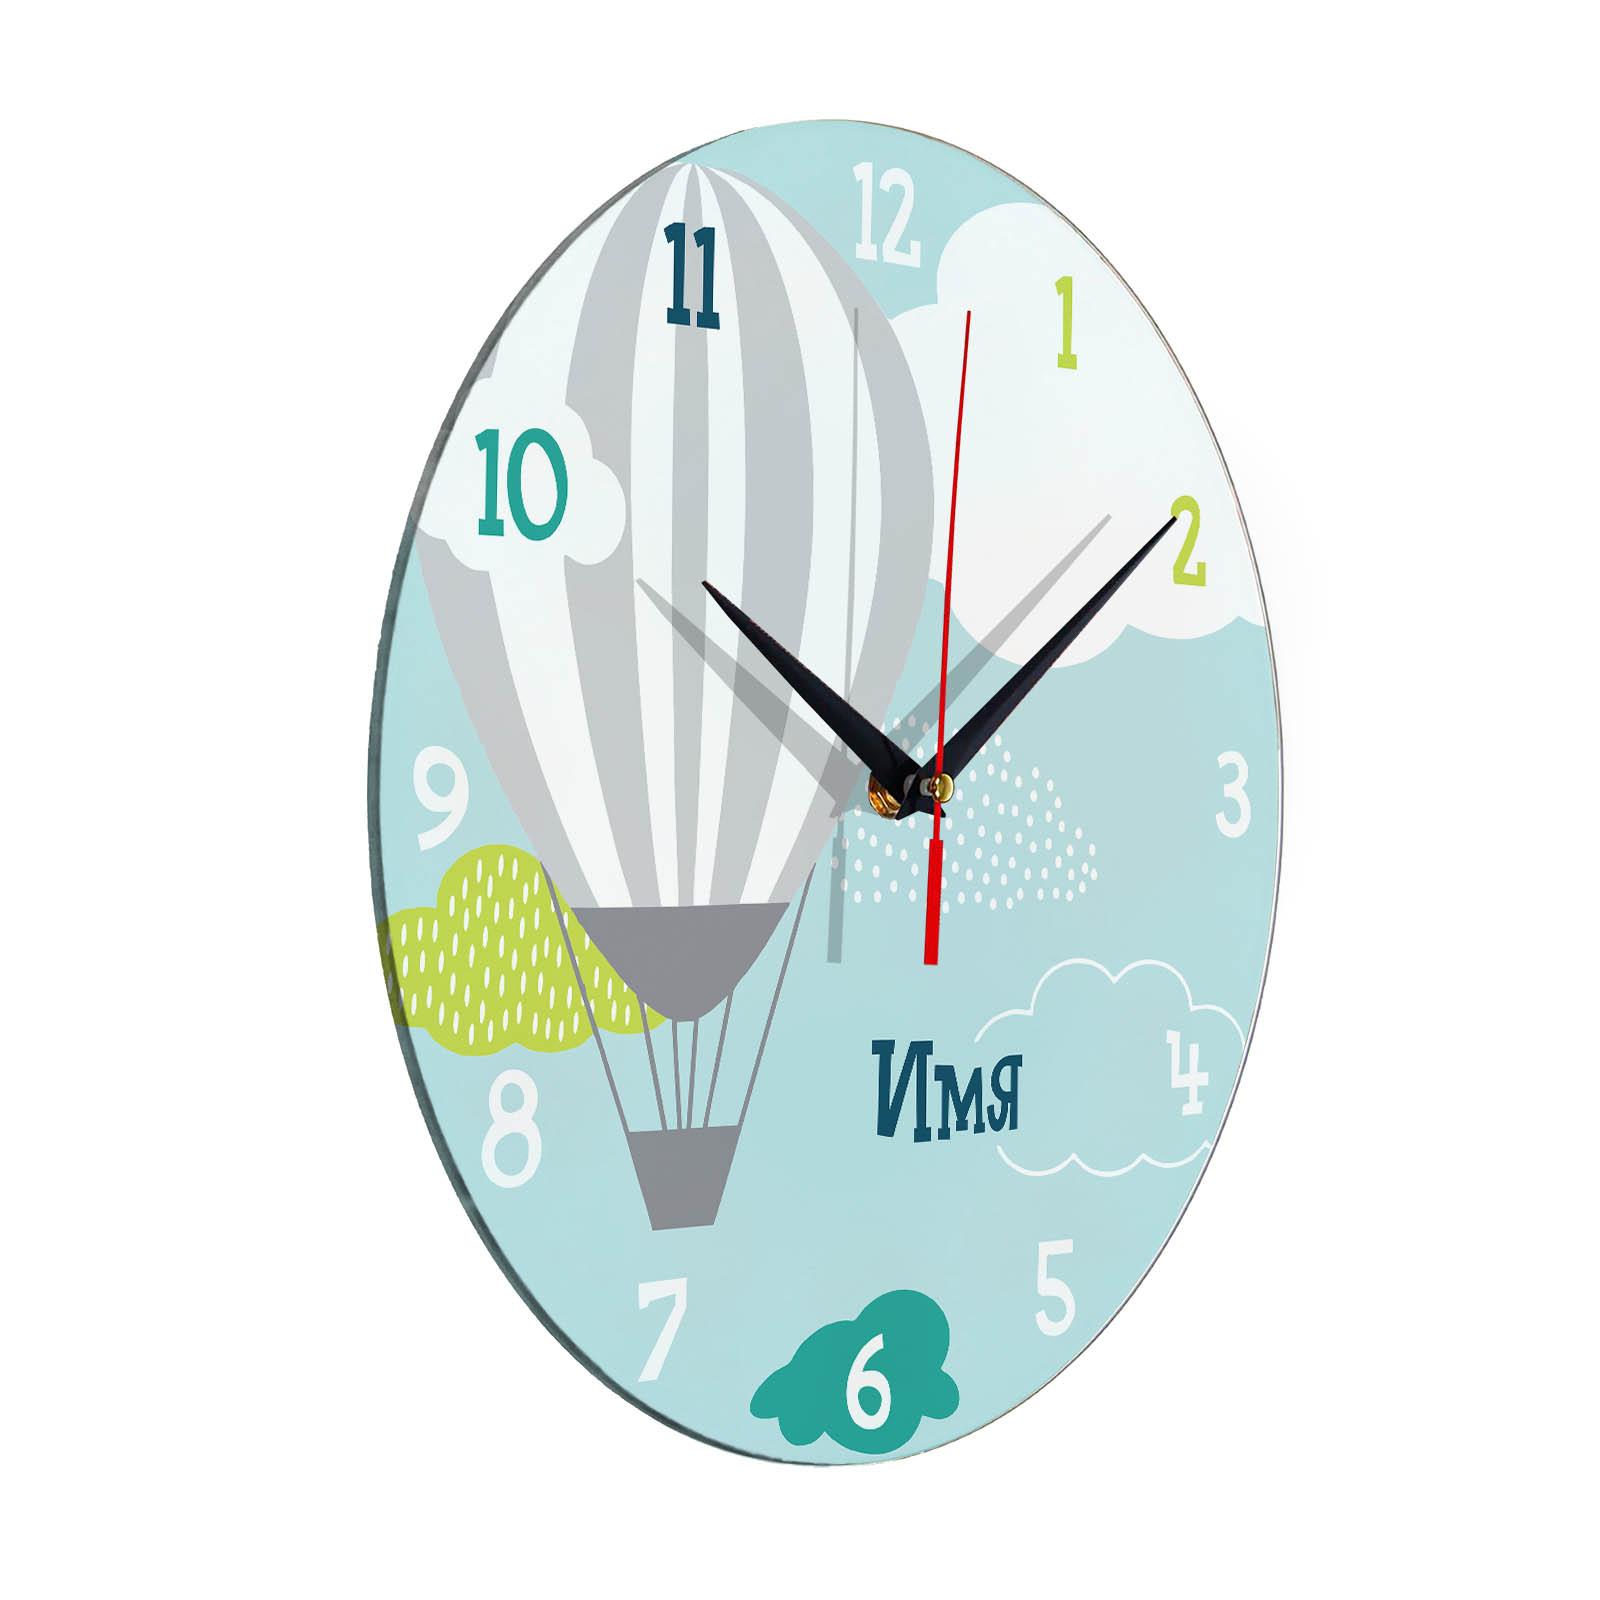 Настенные часы с именем. Нанесение надписи на часы на заказ.